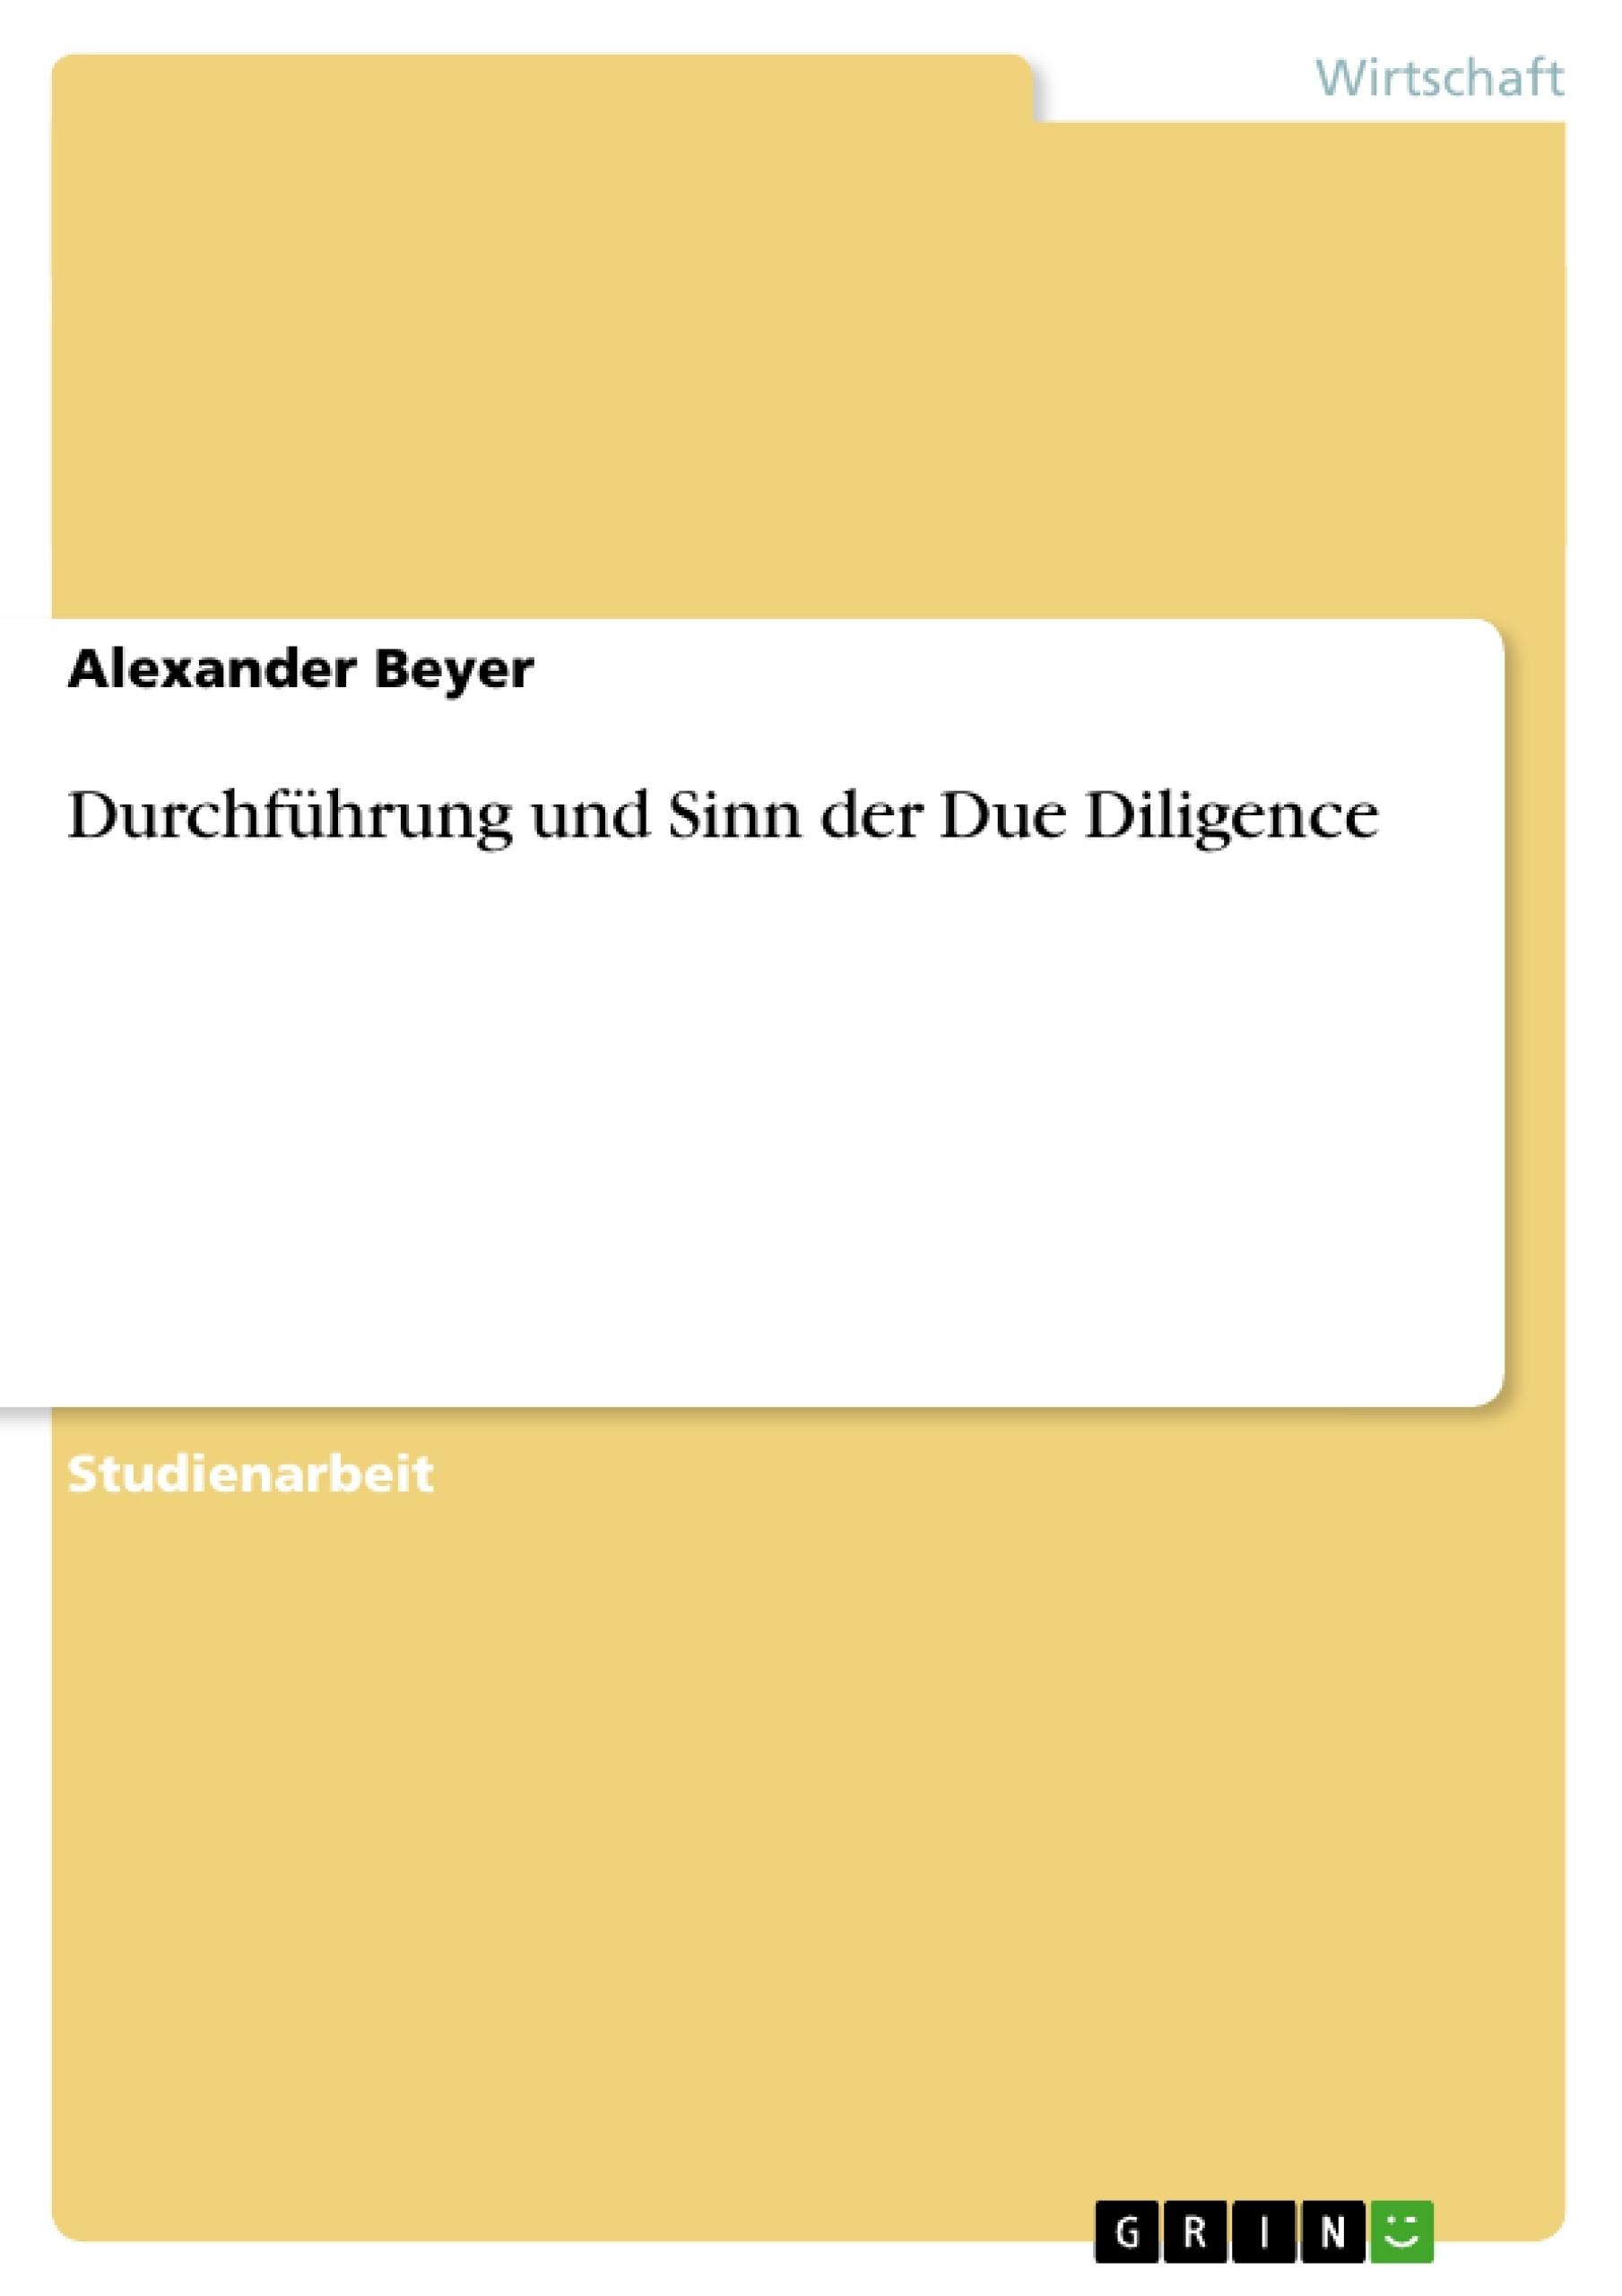 Titel: Durchführung und Sinn der Due Diligence